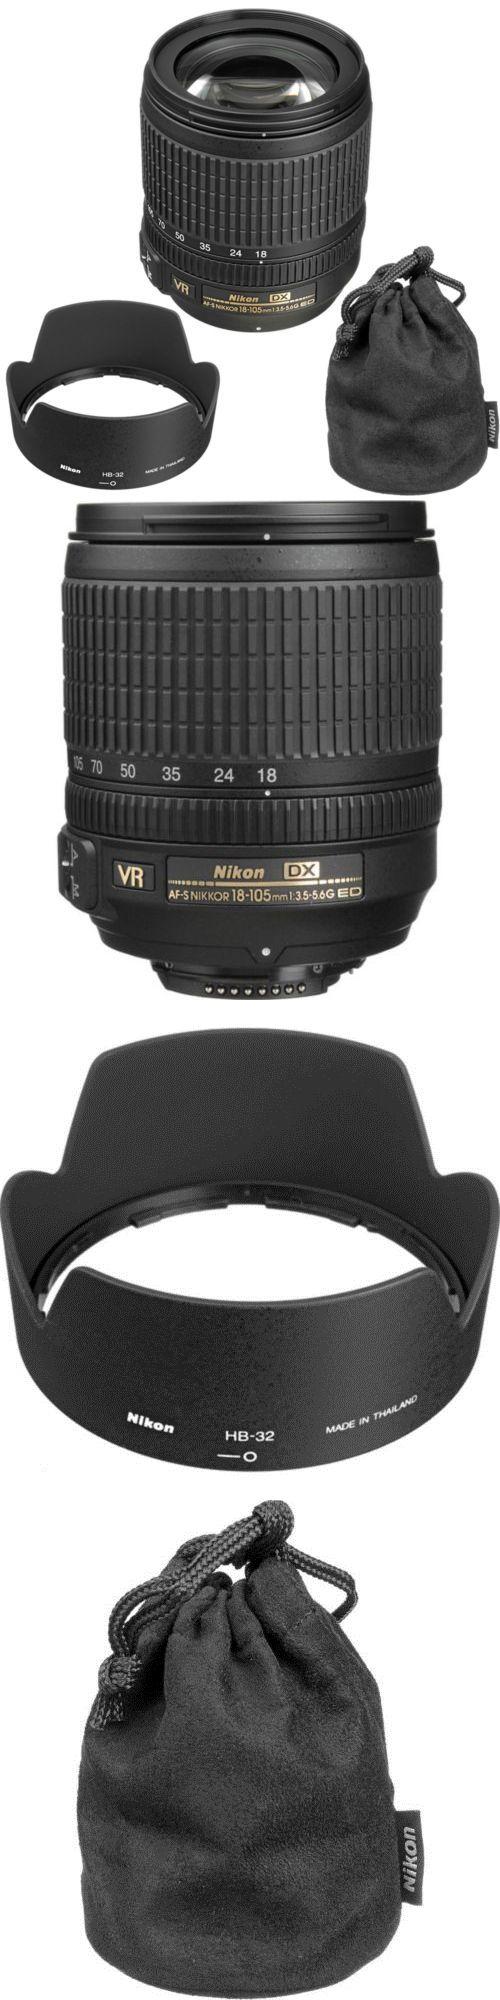 photo and video: Nikon Af-S Dx Nikkor 18-105Mm F 3.5-5.6G Ed Vr Lens -> BUY IT NOW ONLY: $209.99 on eBay!